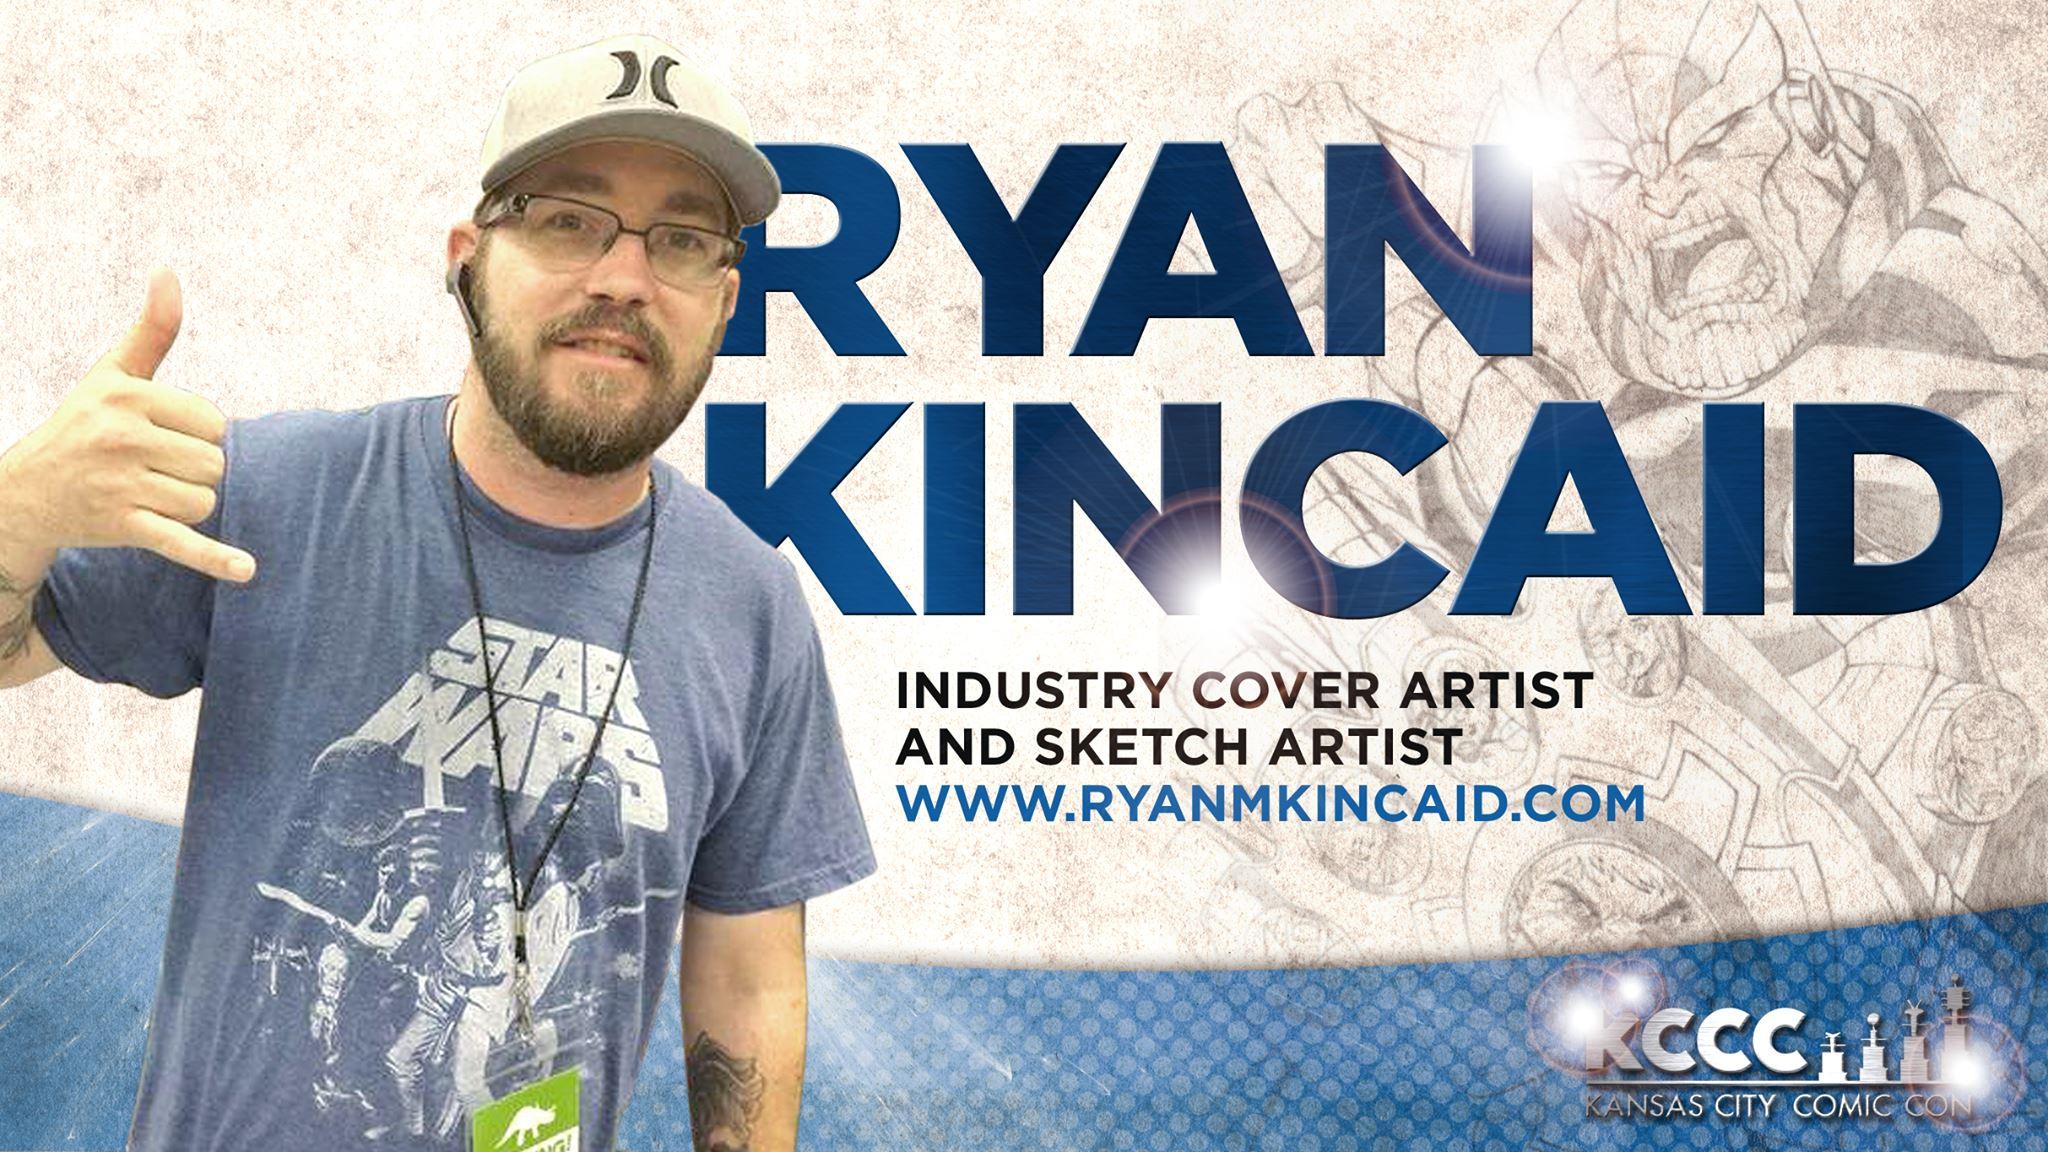 RyanKincaid.jpg